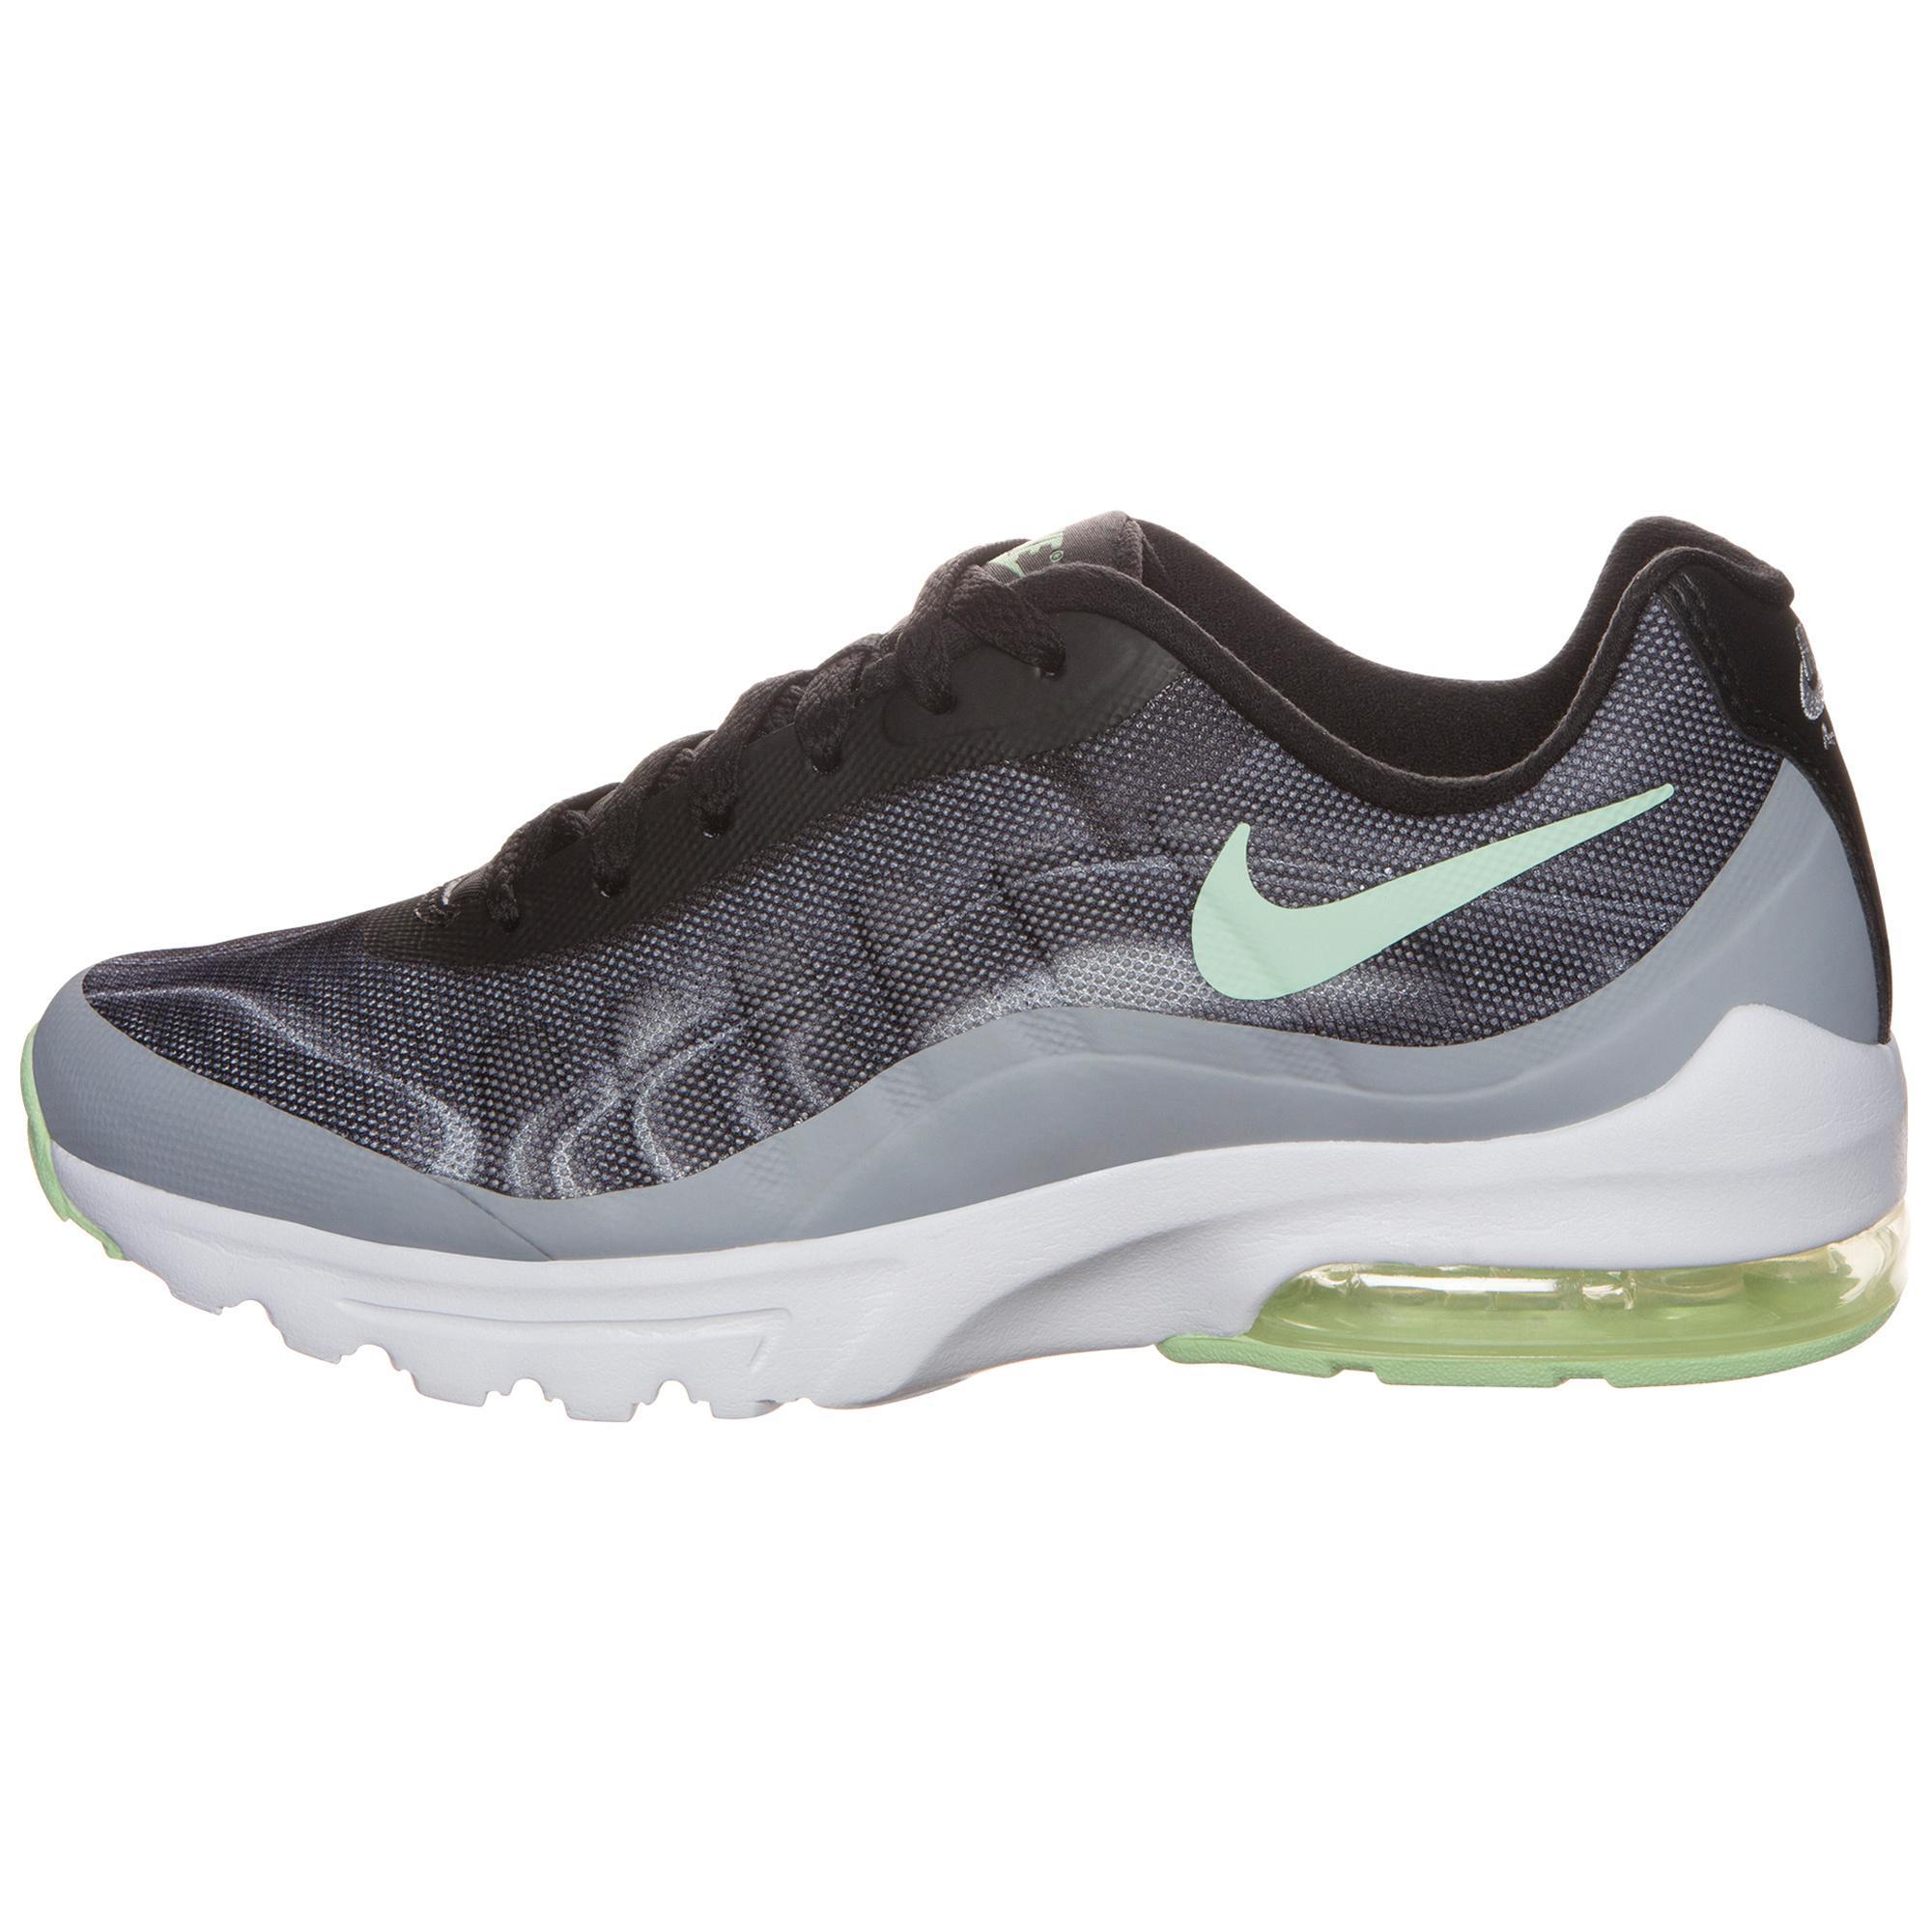 Nike Air Max Invigor Print Sneaker Damen schwarz schwarz schwarz / mint im Online Shop von SportScheck kaufen Gute Qualität beliebte Schuhe 70cc5d